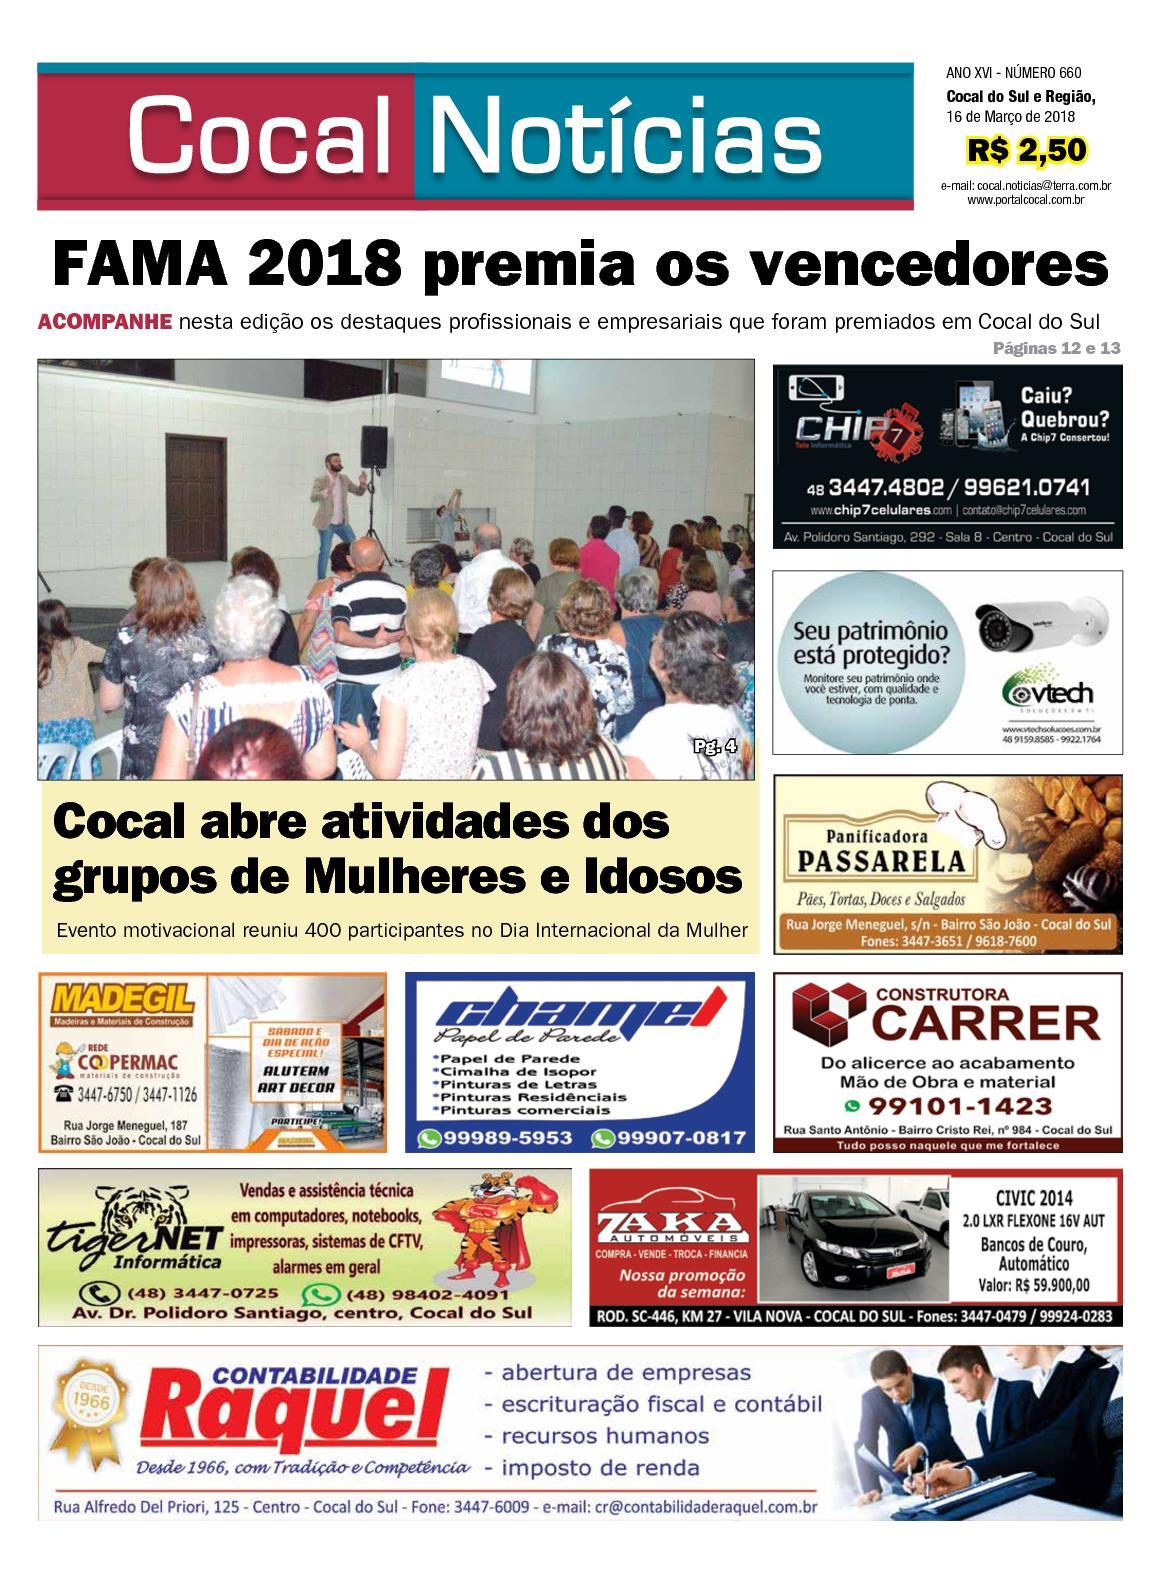 Calaméo - Cocal Notícias on line 16 03 2018 www.portalcocal.com.br a73621b5a26e8